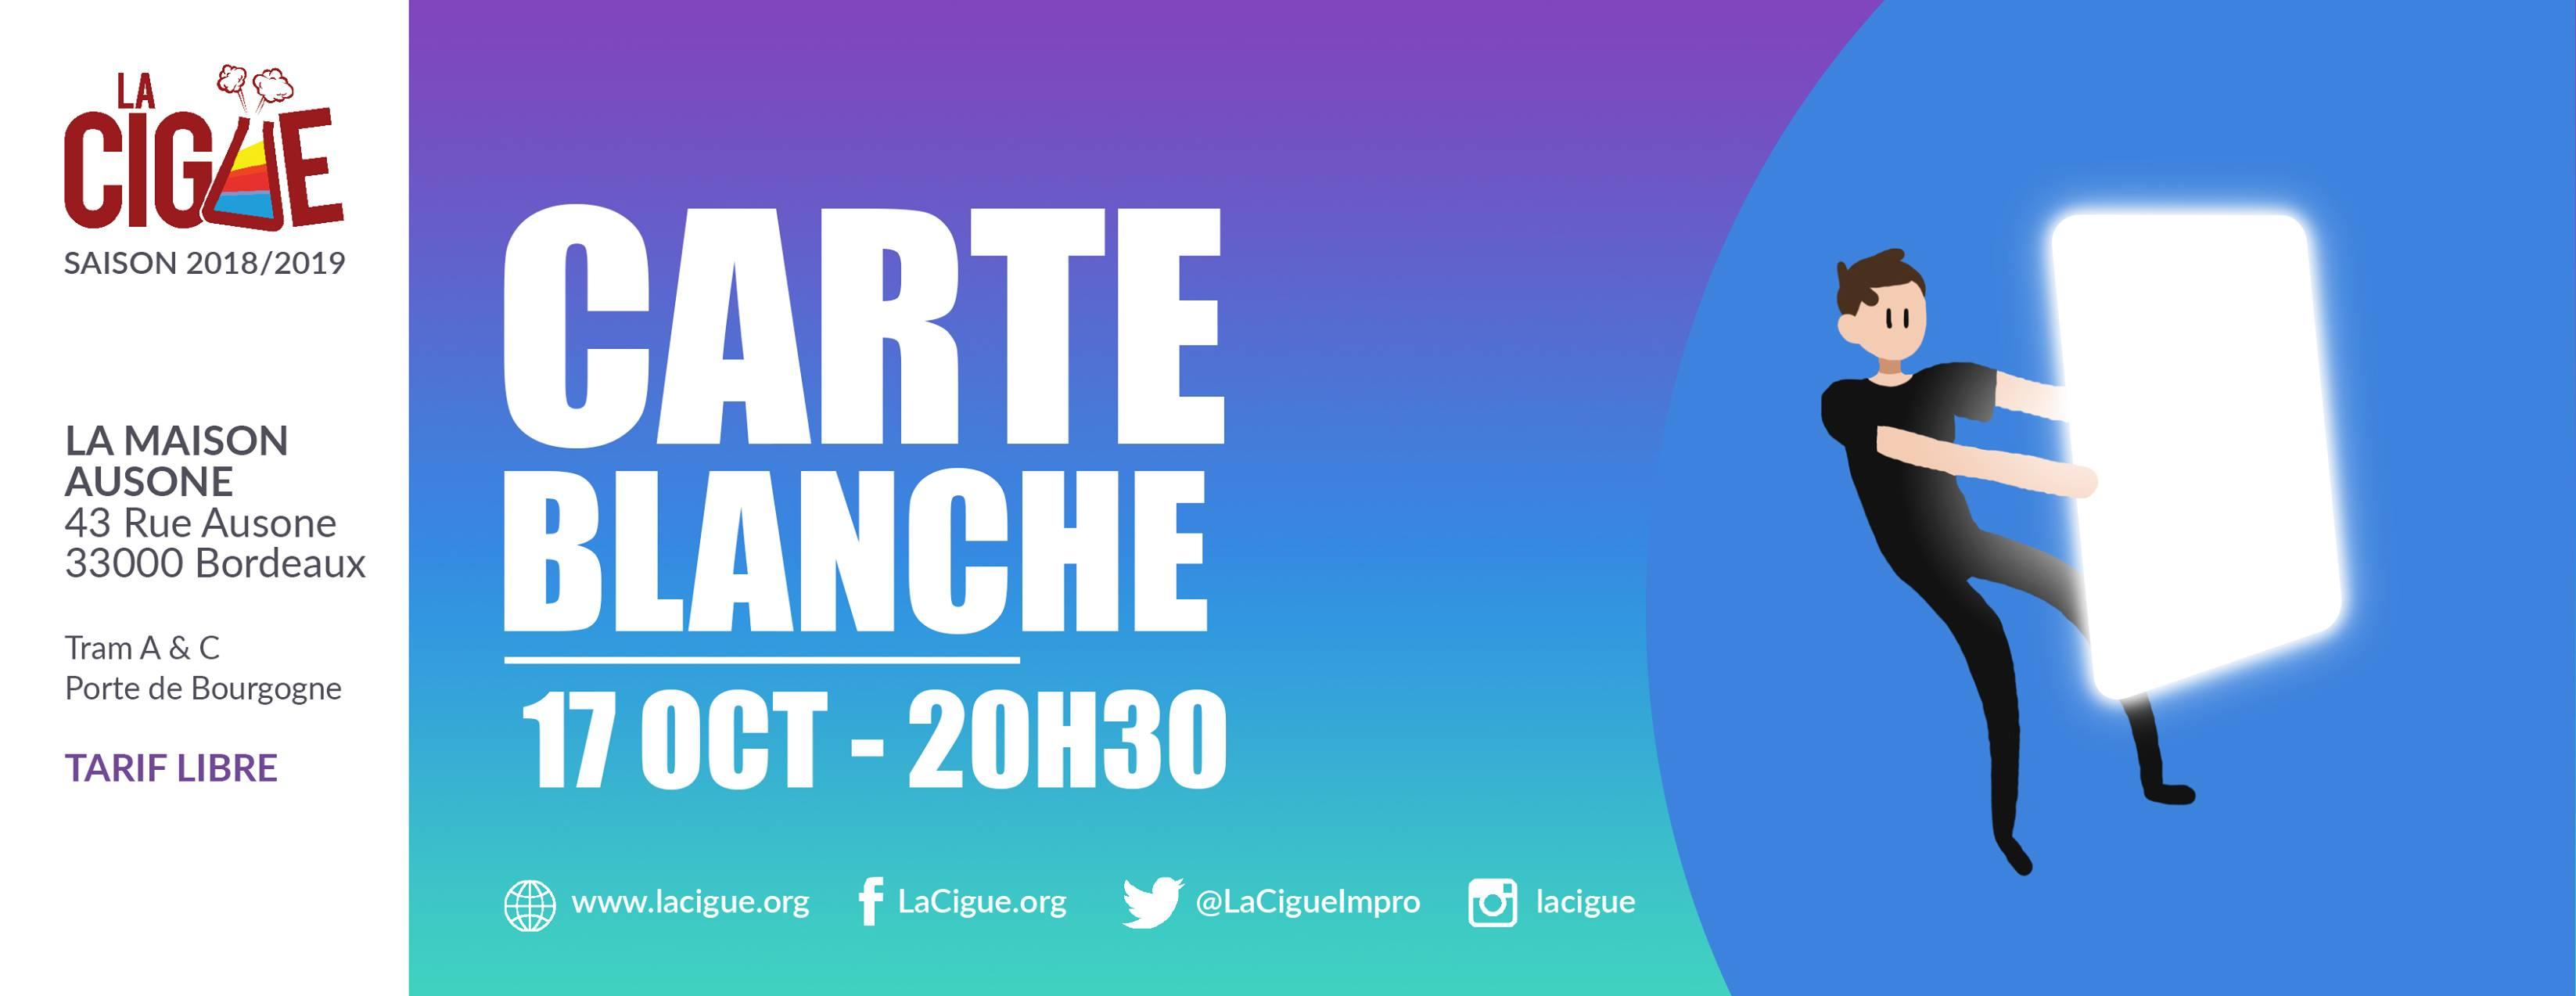 Carte Blanche # 1 – 12HEURES